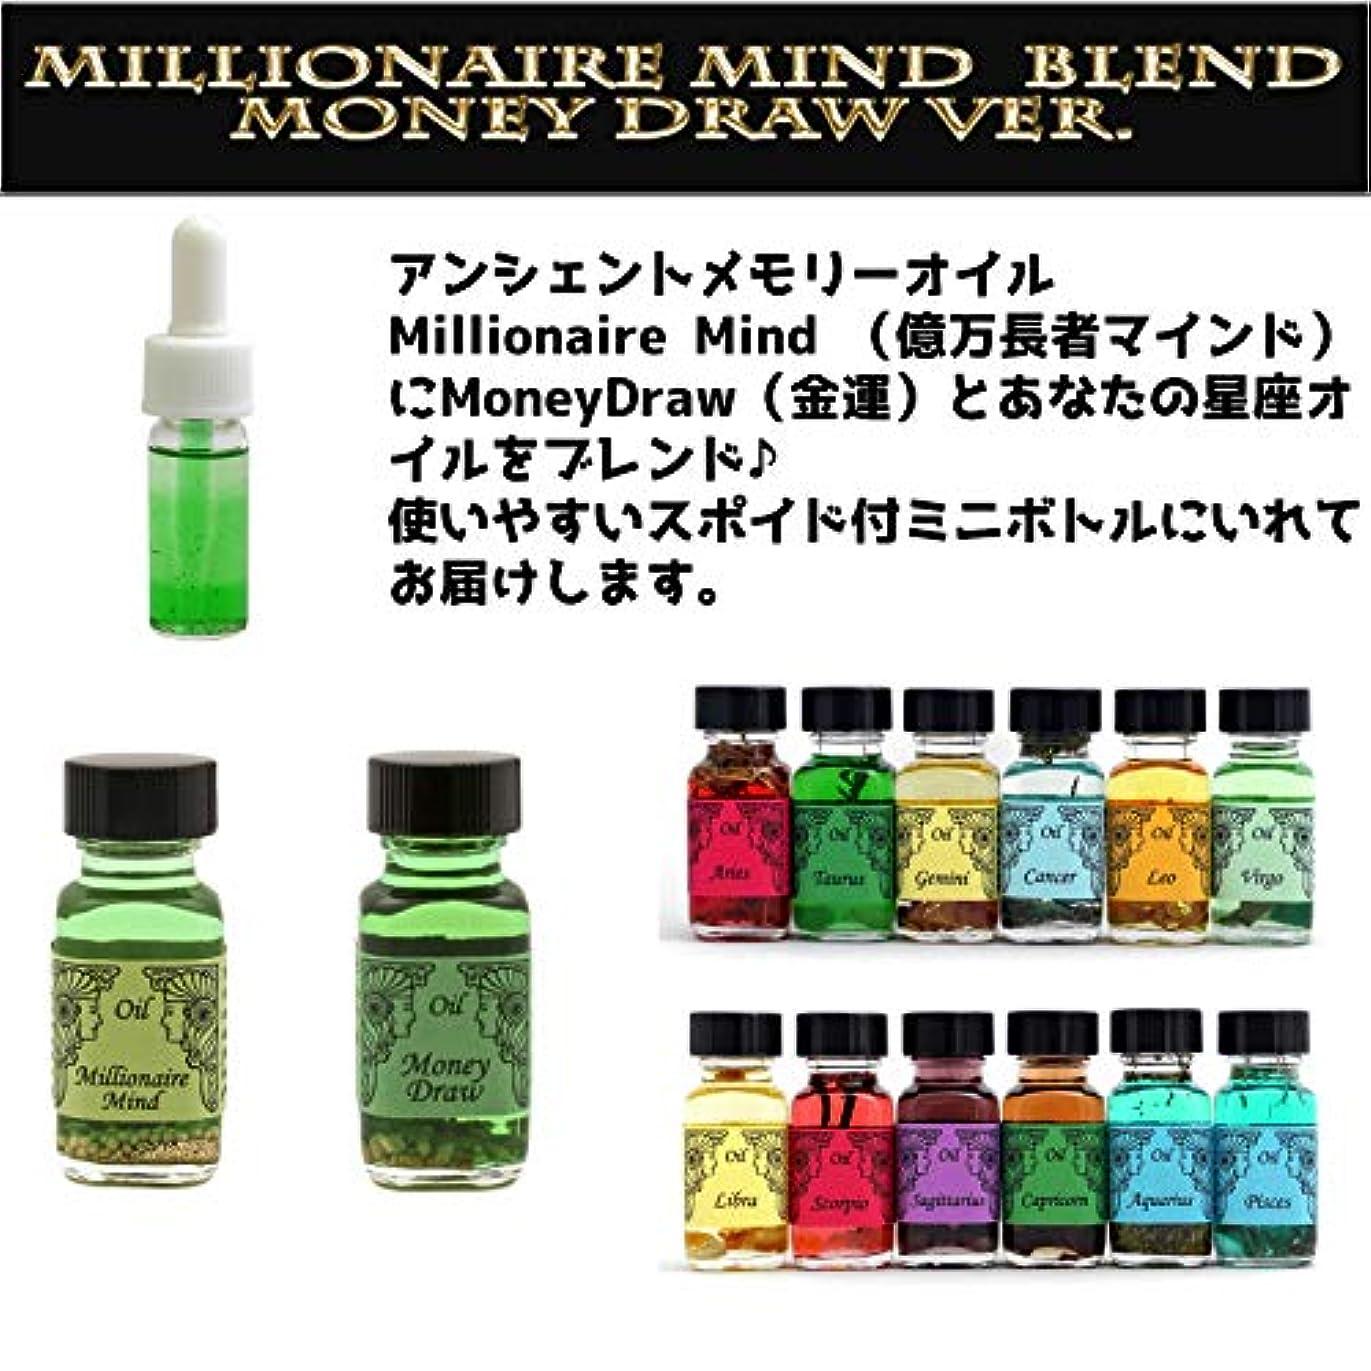 期待して顕微鏡解説アンシェントメモリーオイル Millionaire Mind 億万長者マインド ブレンド(Money Drawマネードロー(金運)&さそり座